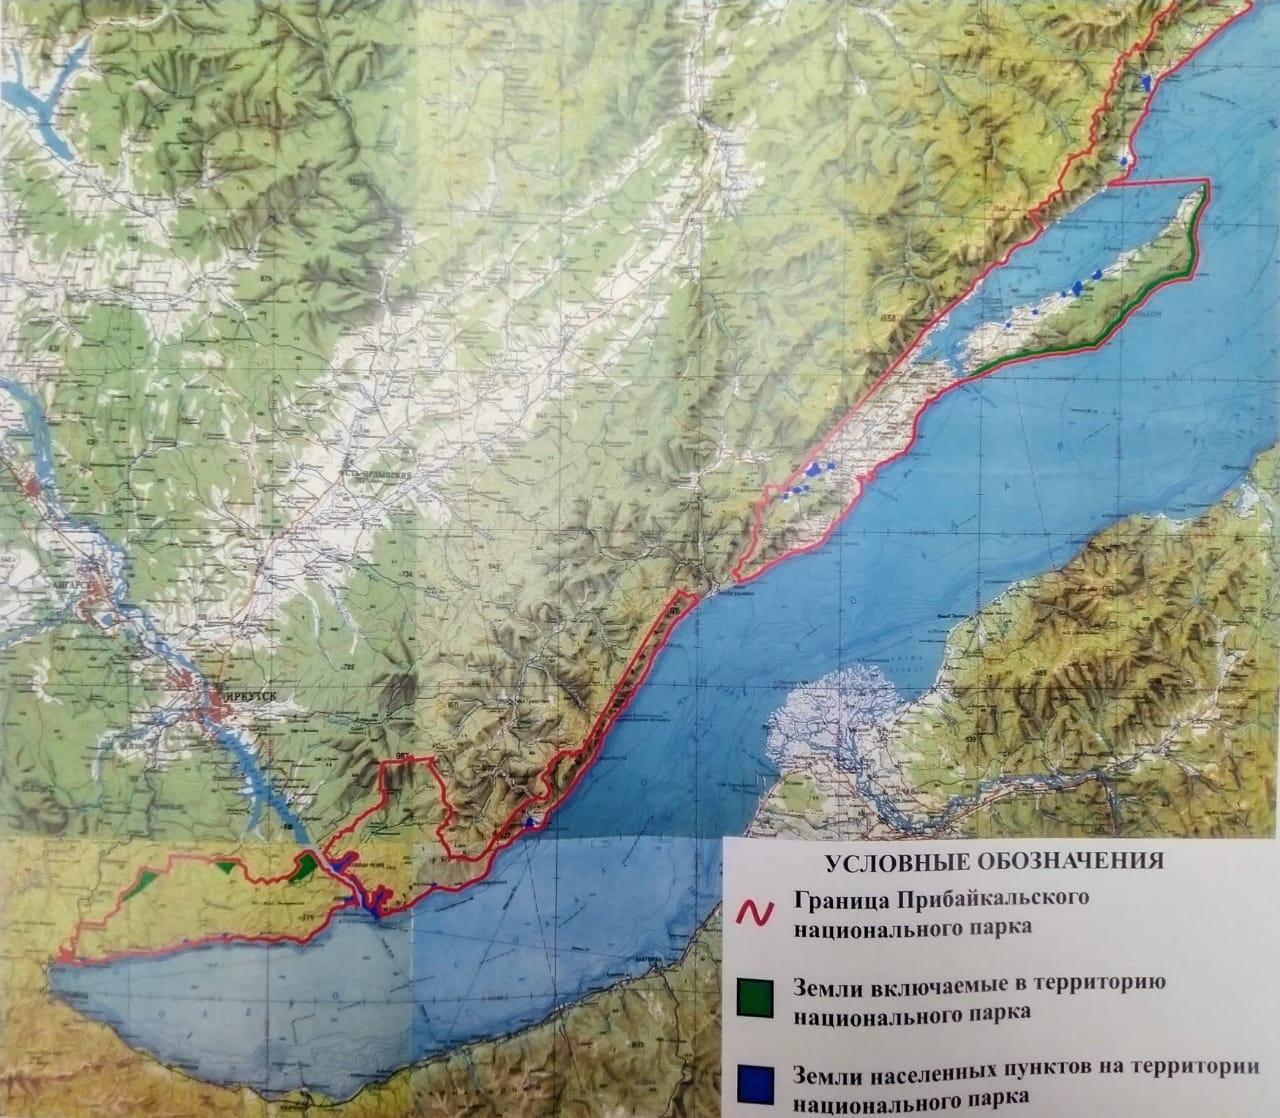 Сергей Тен: расширение территории Прибайкальского нацпарка не предполагает включение в его территорию населенных пунктов